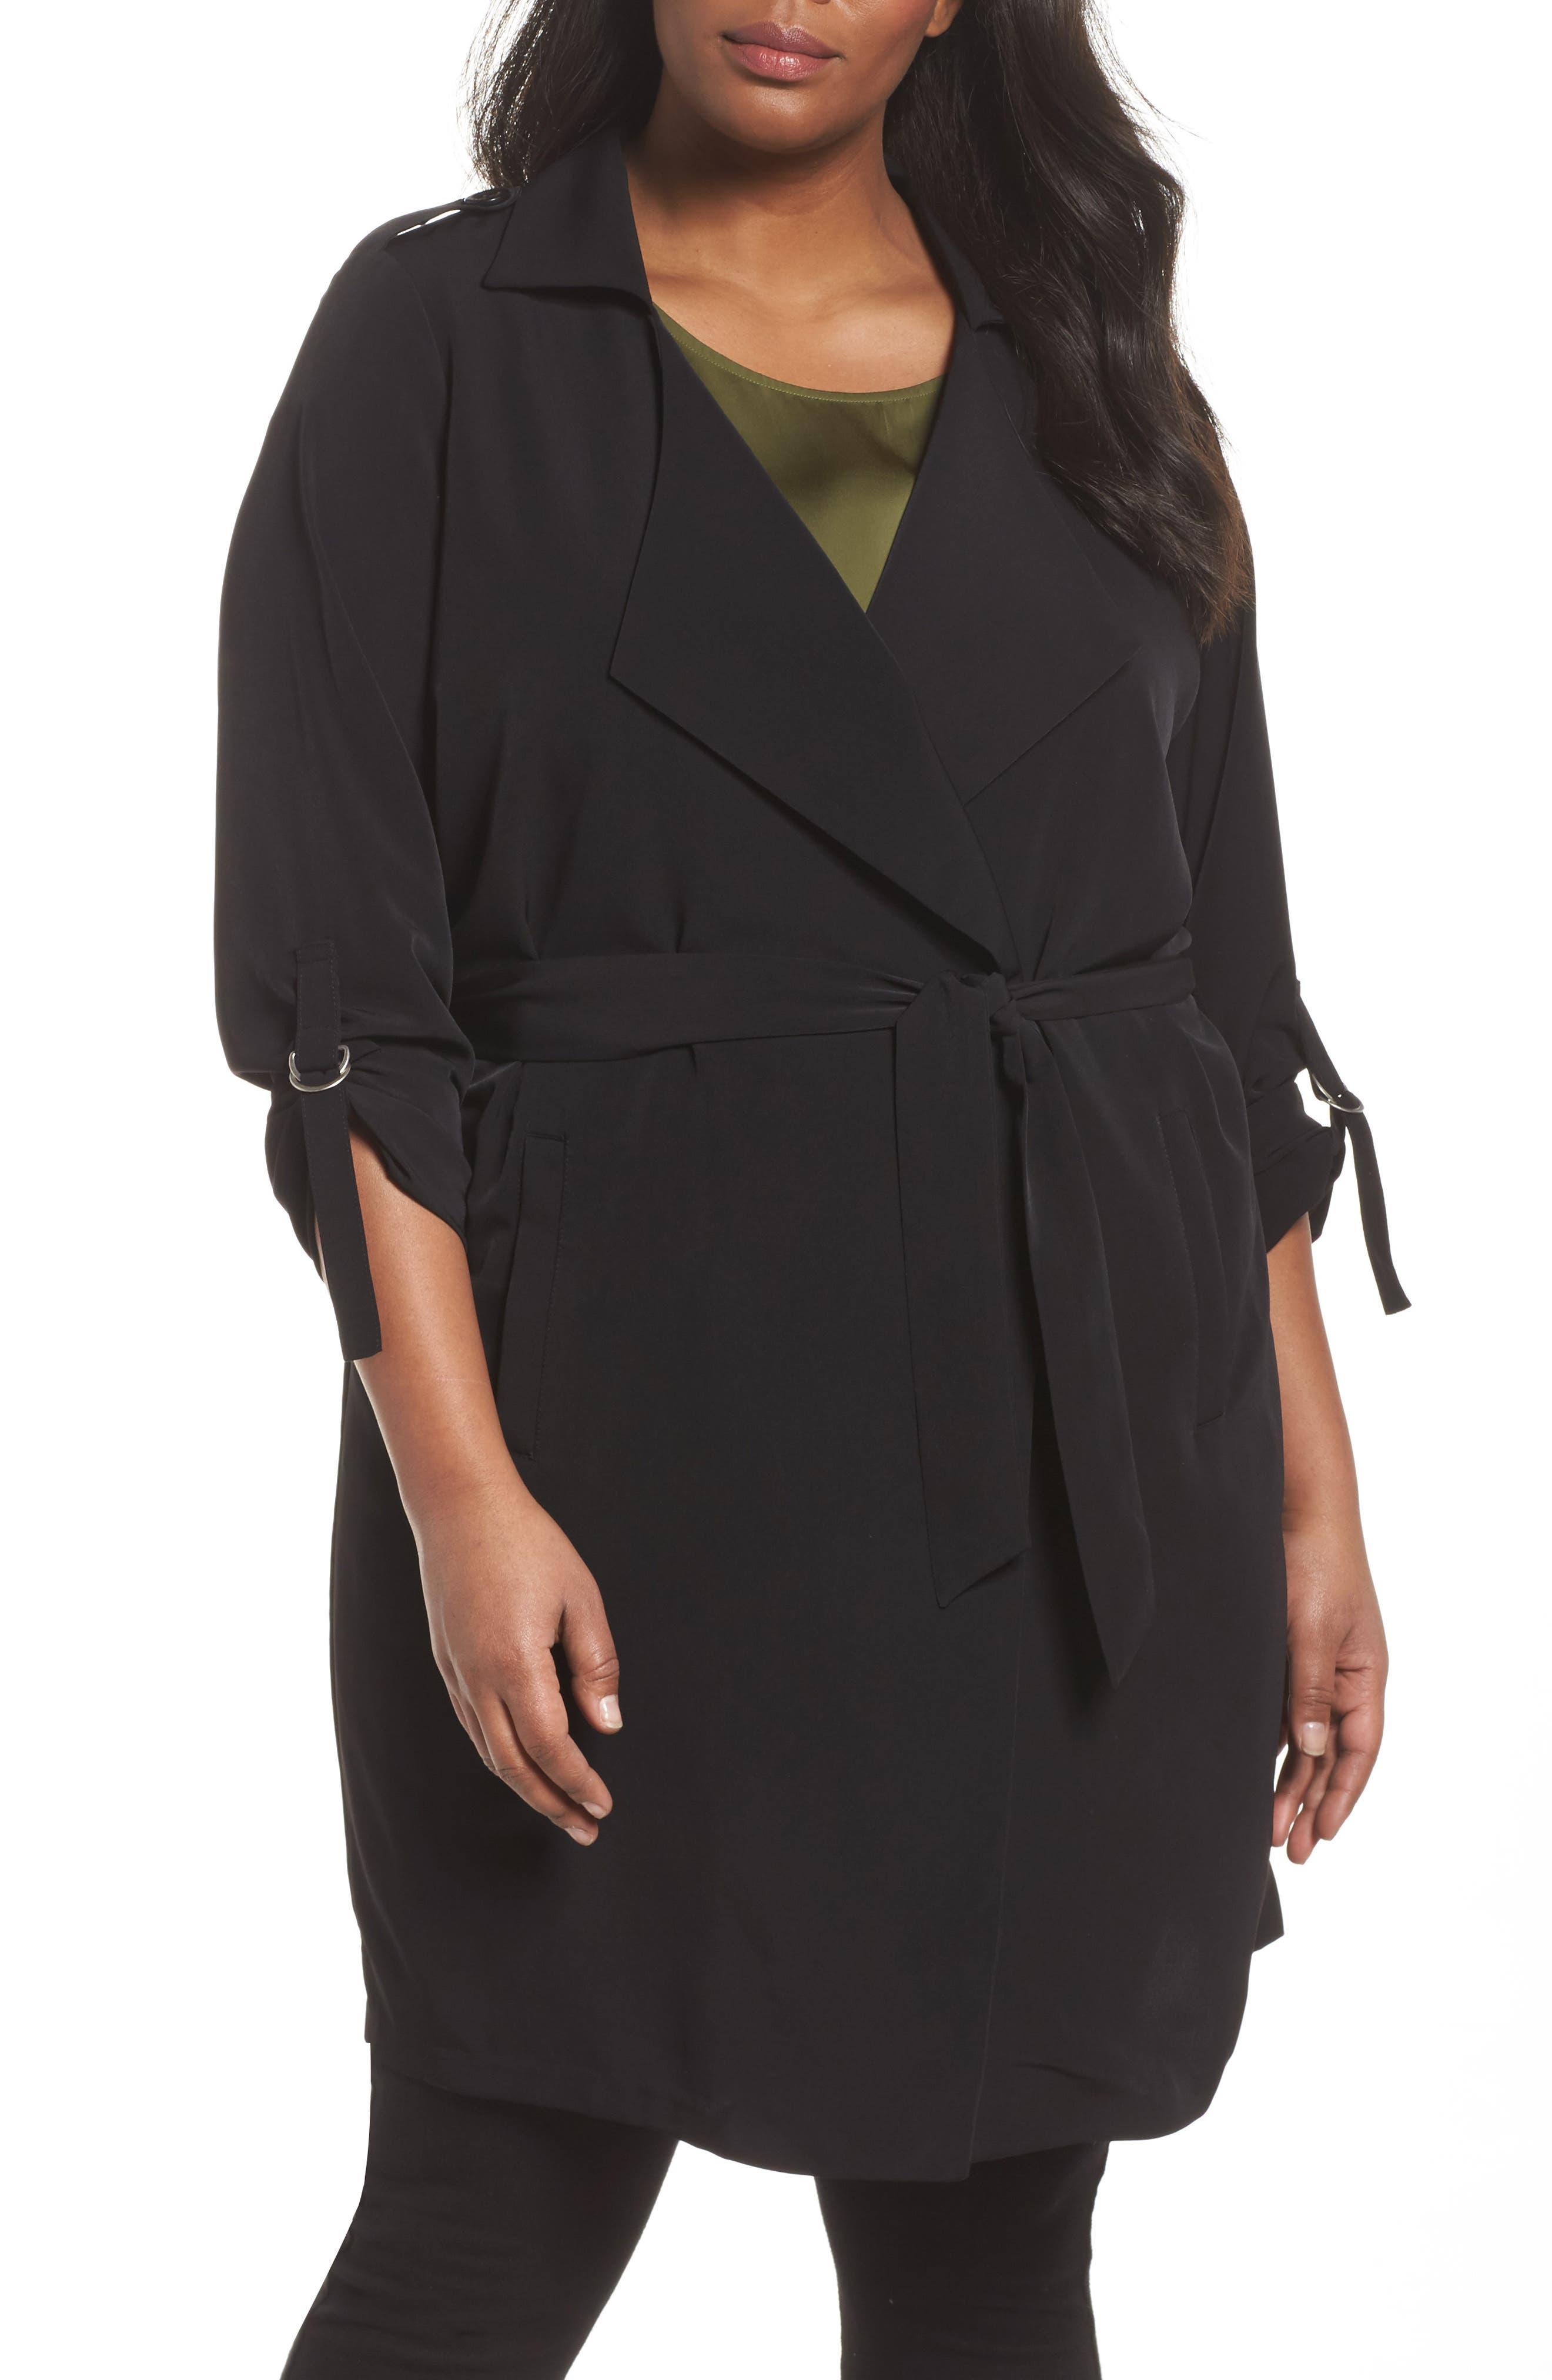 Kaiza Trench Coat,                             Main thumbnail 1, color,                             Black Beauty